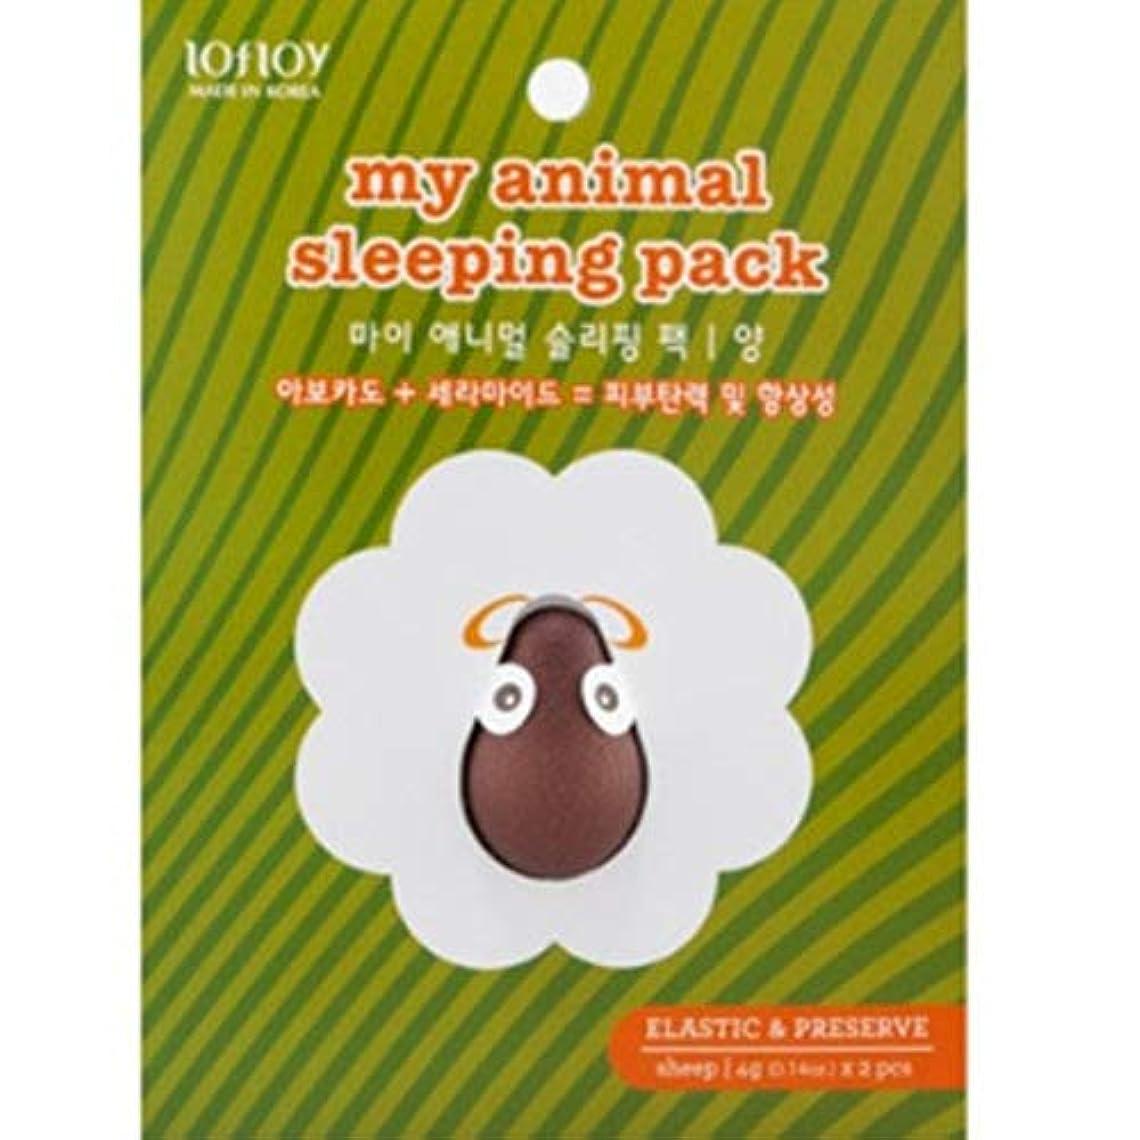 実行可能テメリティ職業LOFLOY My Animal Sleeping Pack Sheep CH1379393 4g x 2PCS [並行輸入品]